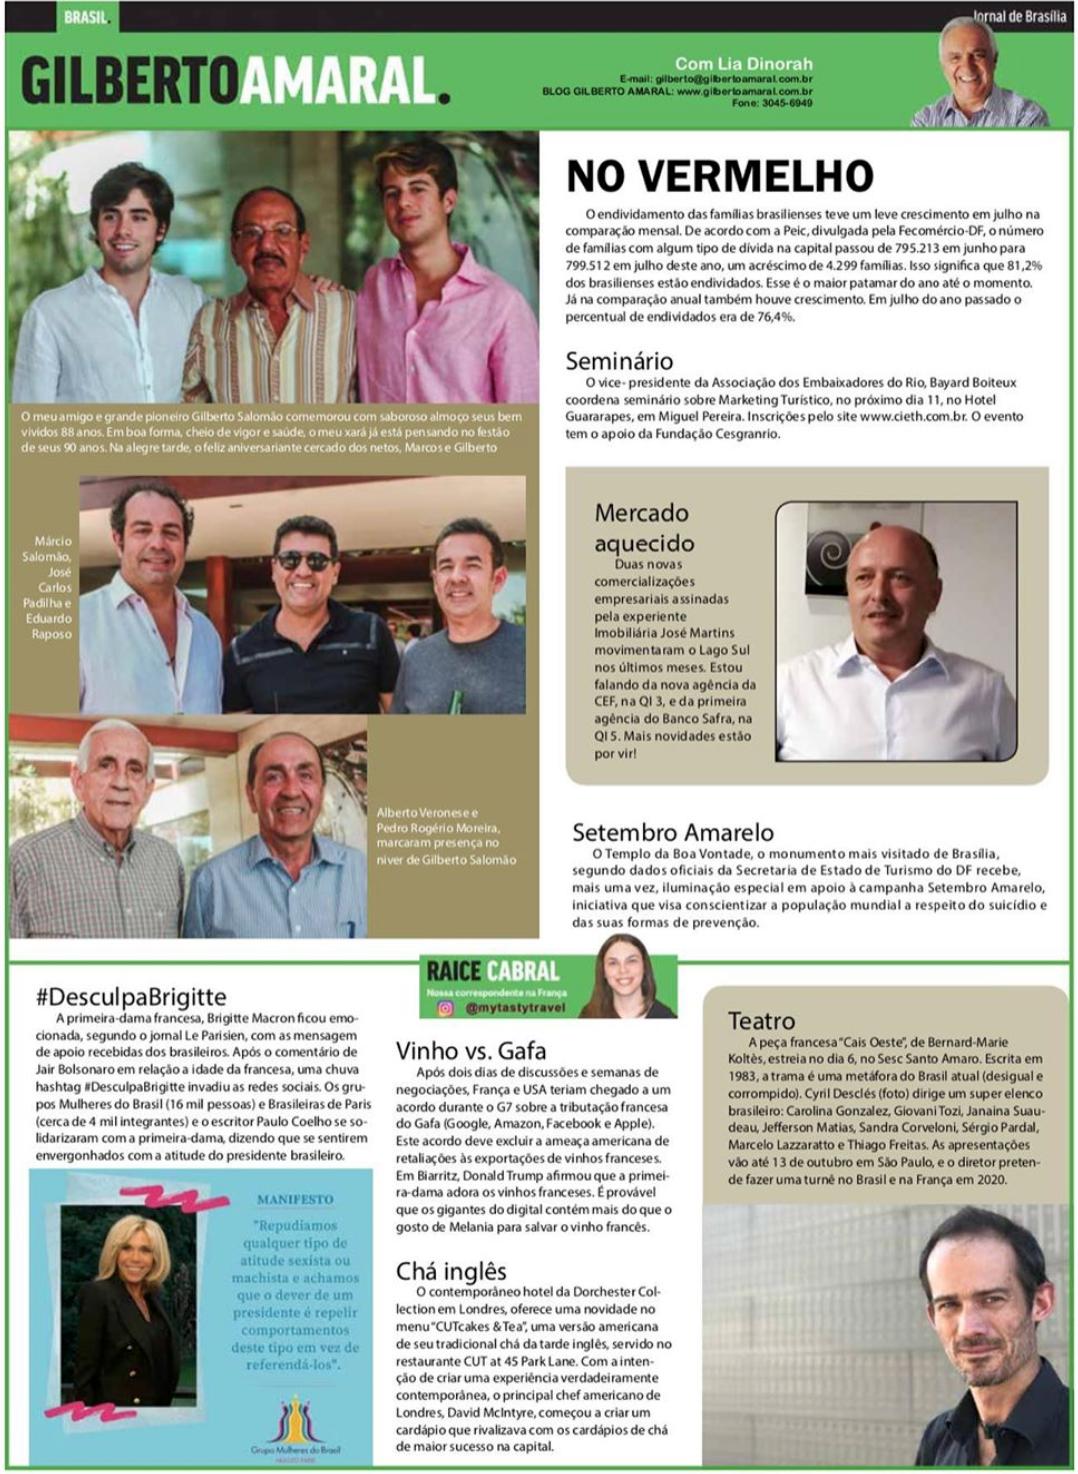 Jornal de Brasilia 02 setembro 2019